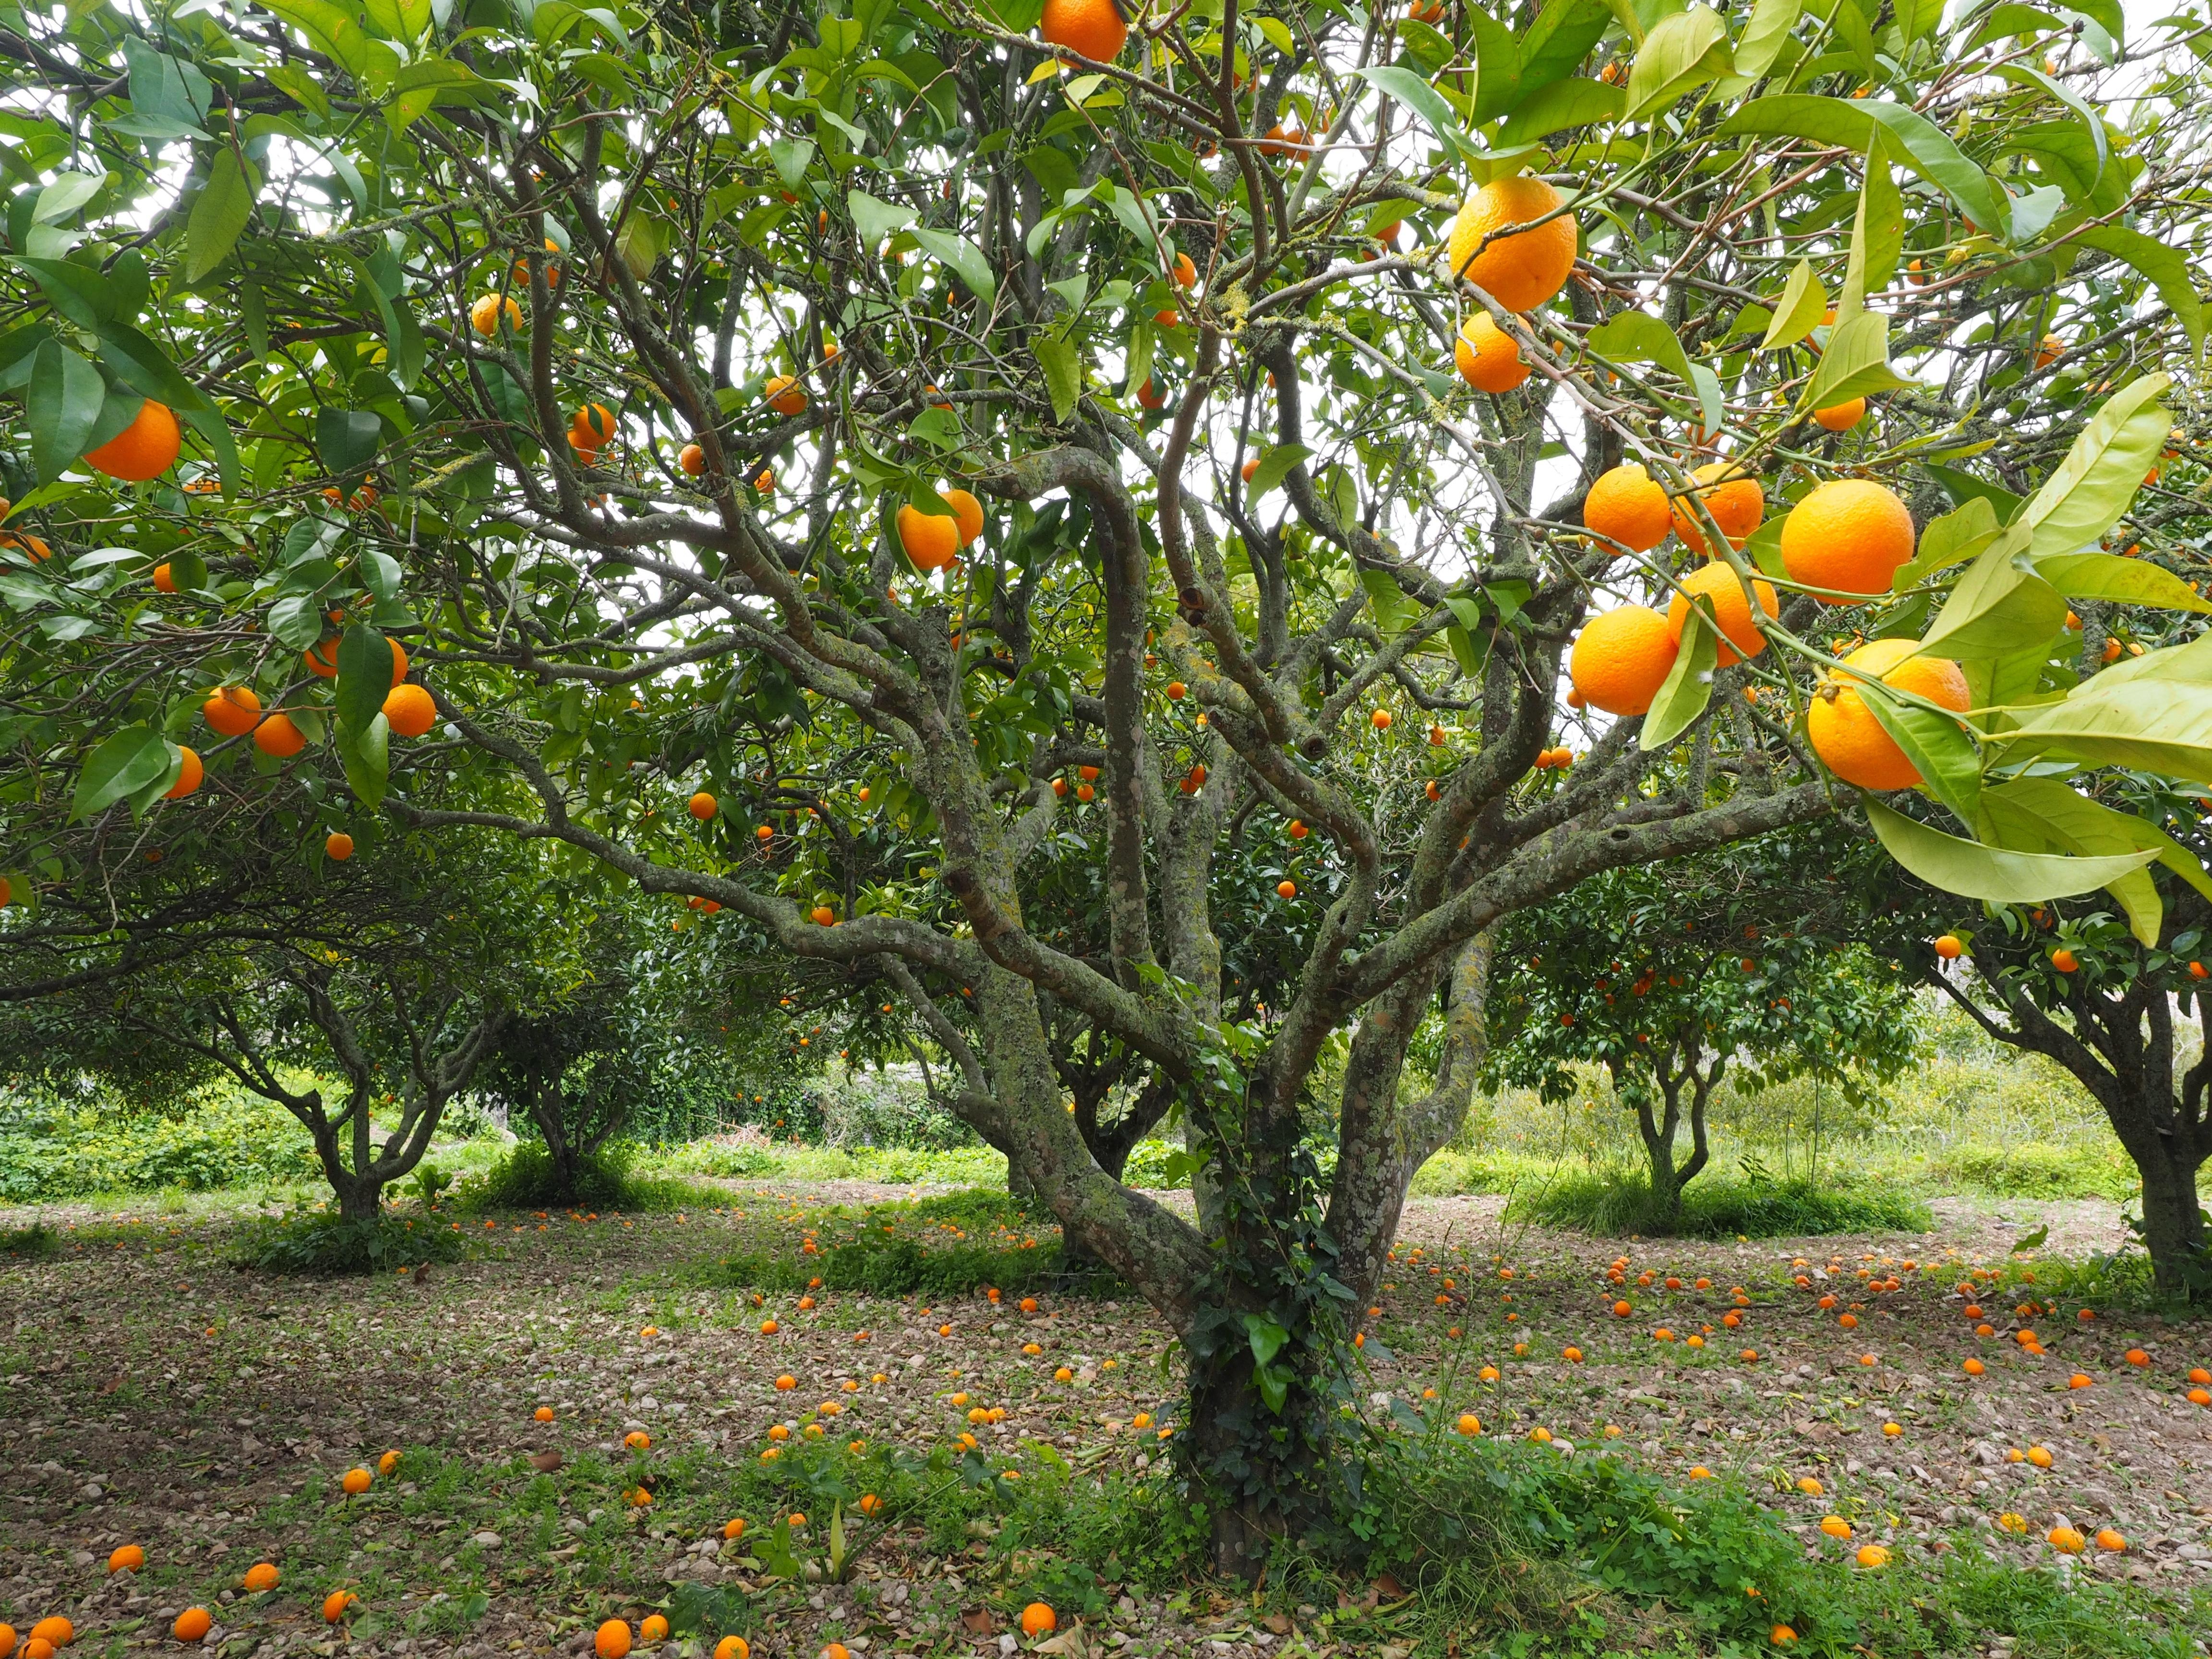 вашего фрукты растут на деревьях картинки те, кто хочет